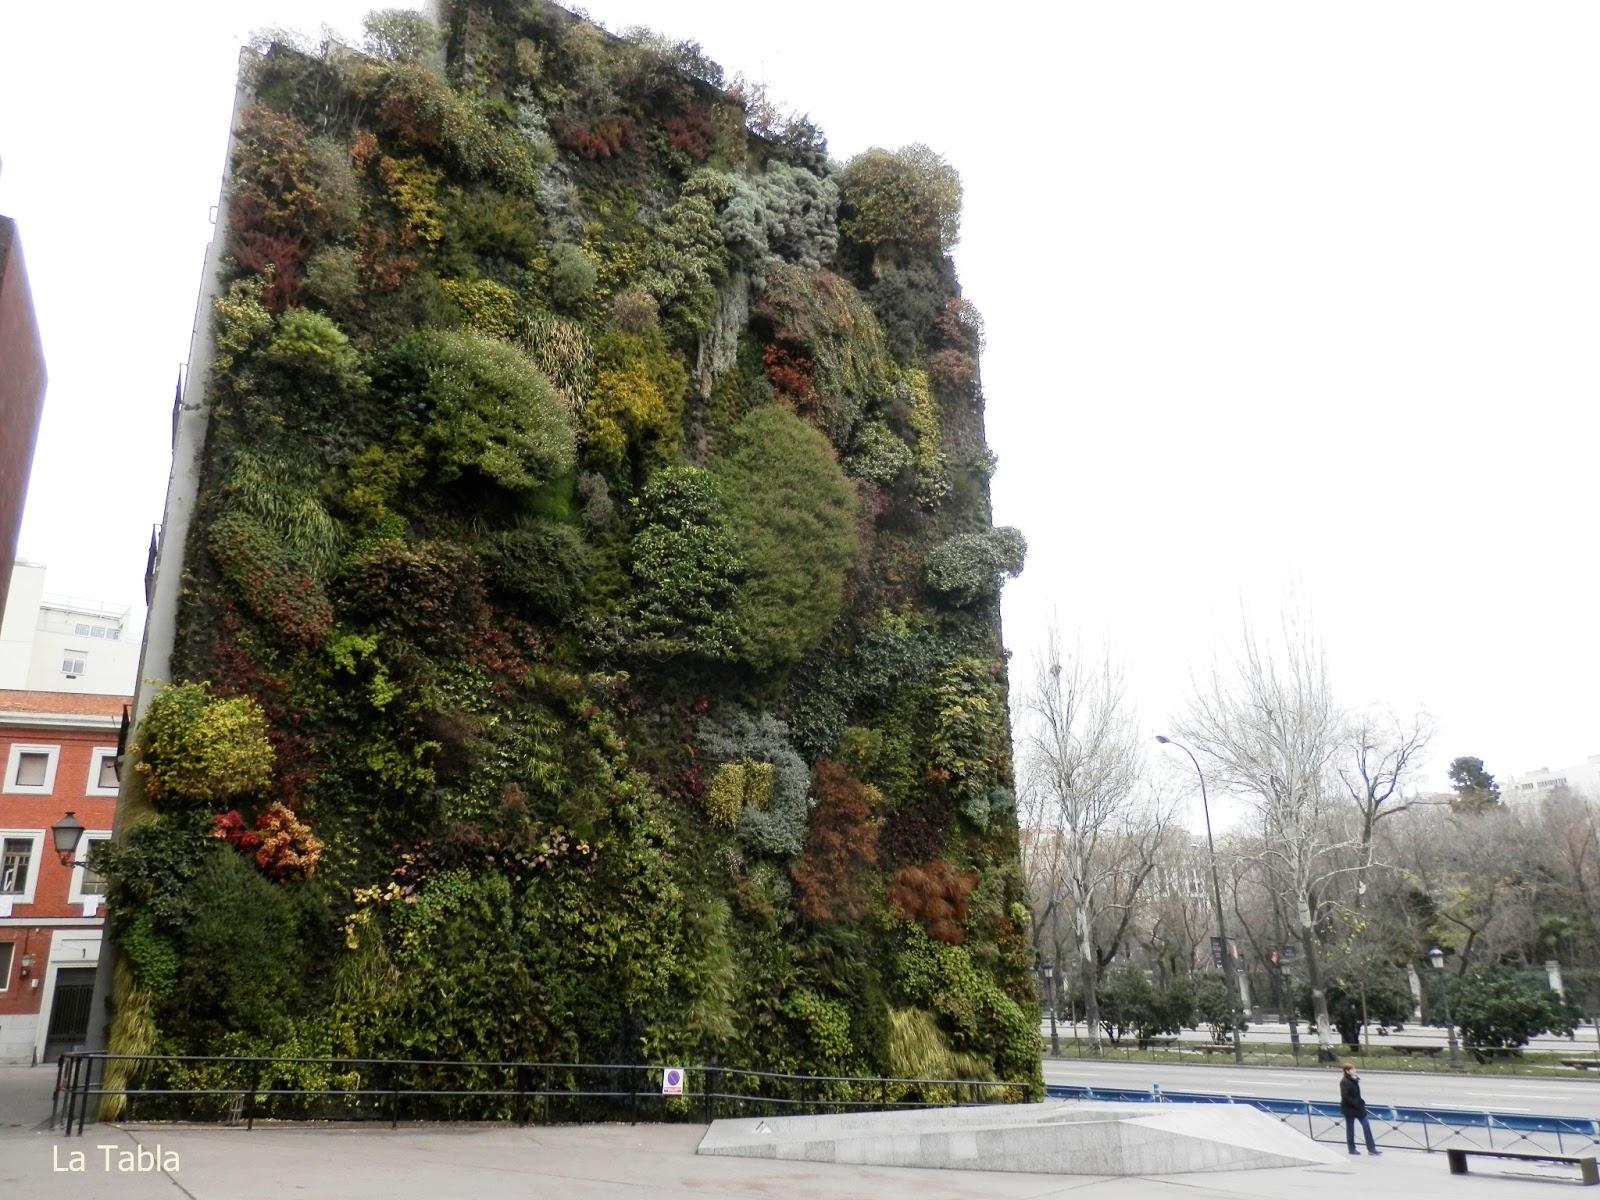 Jard n vertical caixa forum en diciembre 2012 for Jardin vertical caixaforum madrid